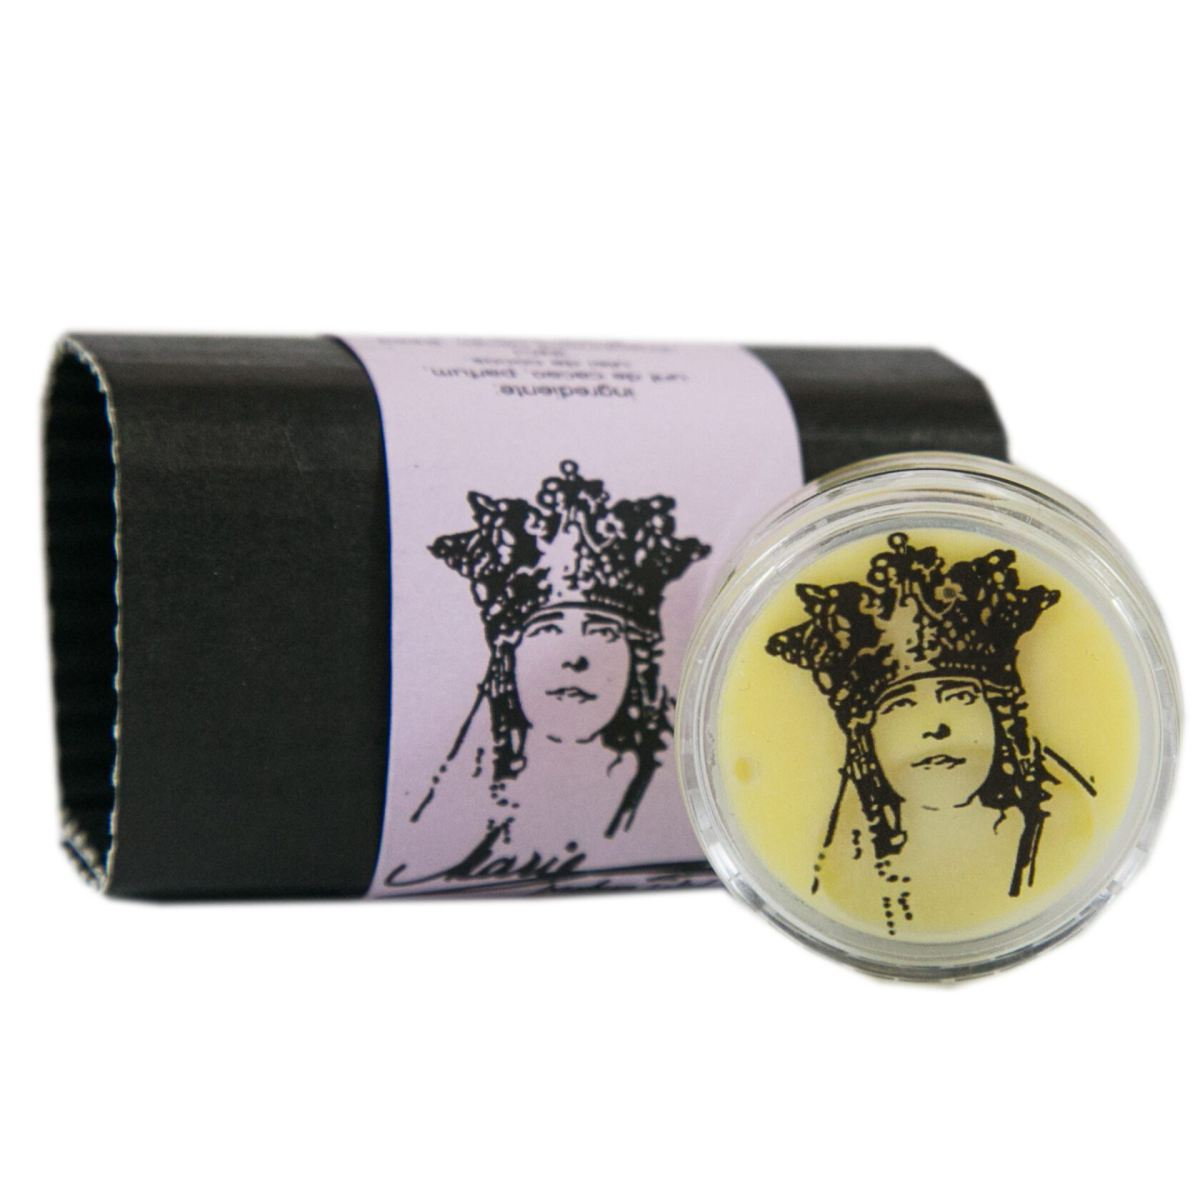 Maria parfum solid